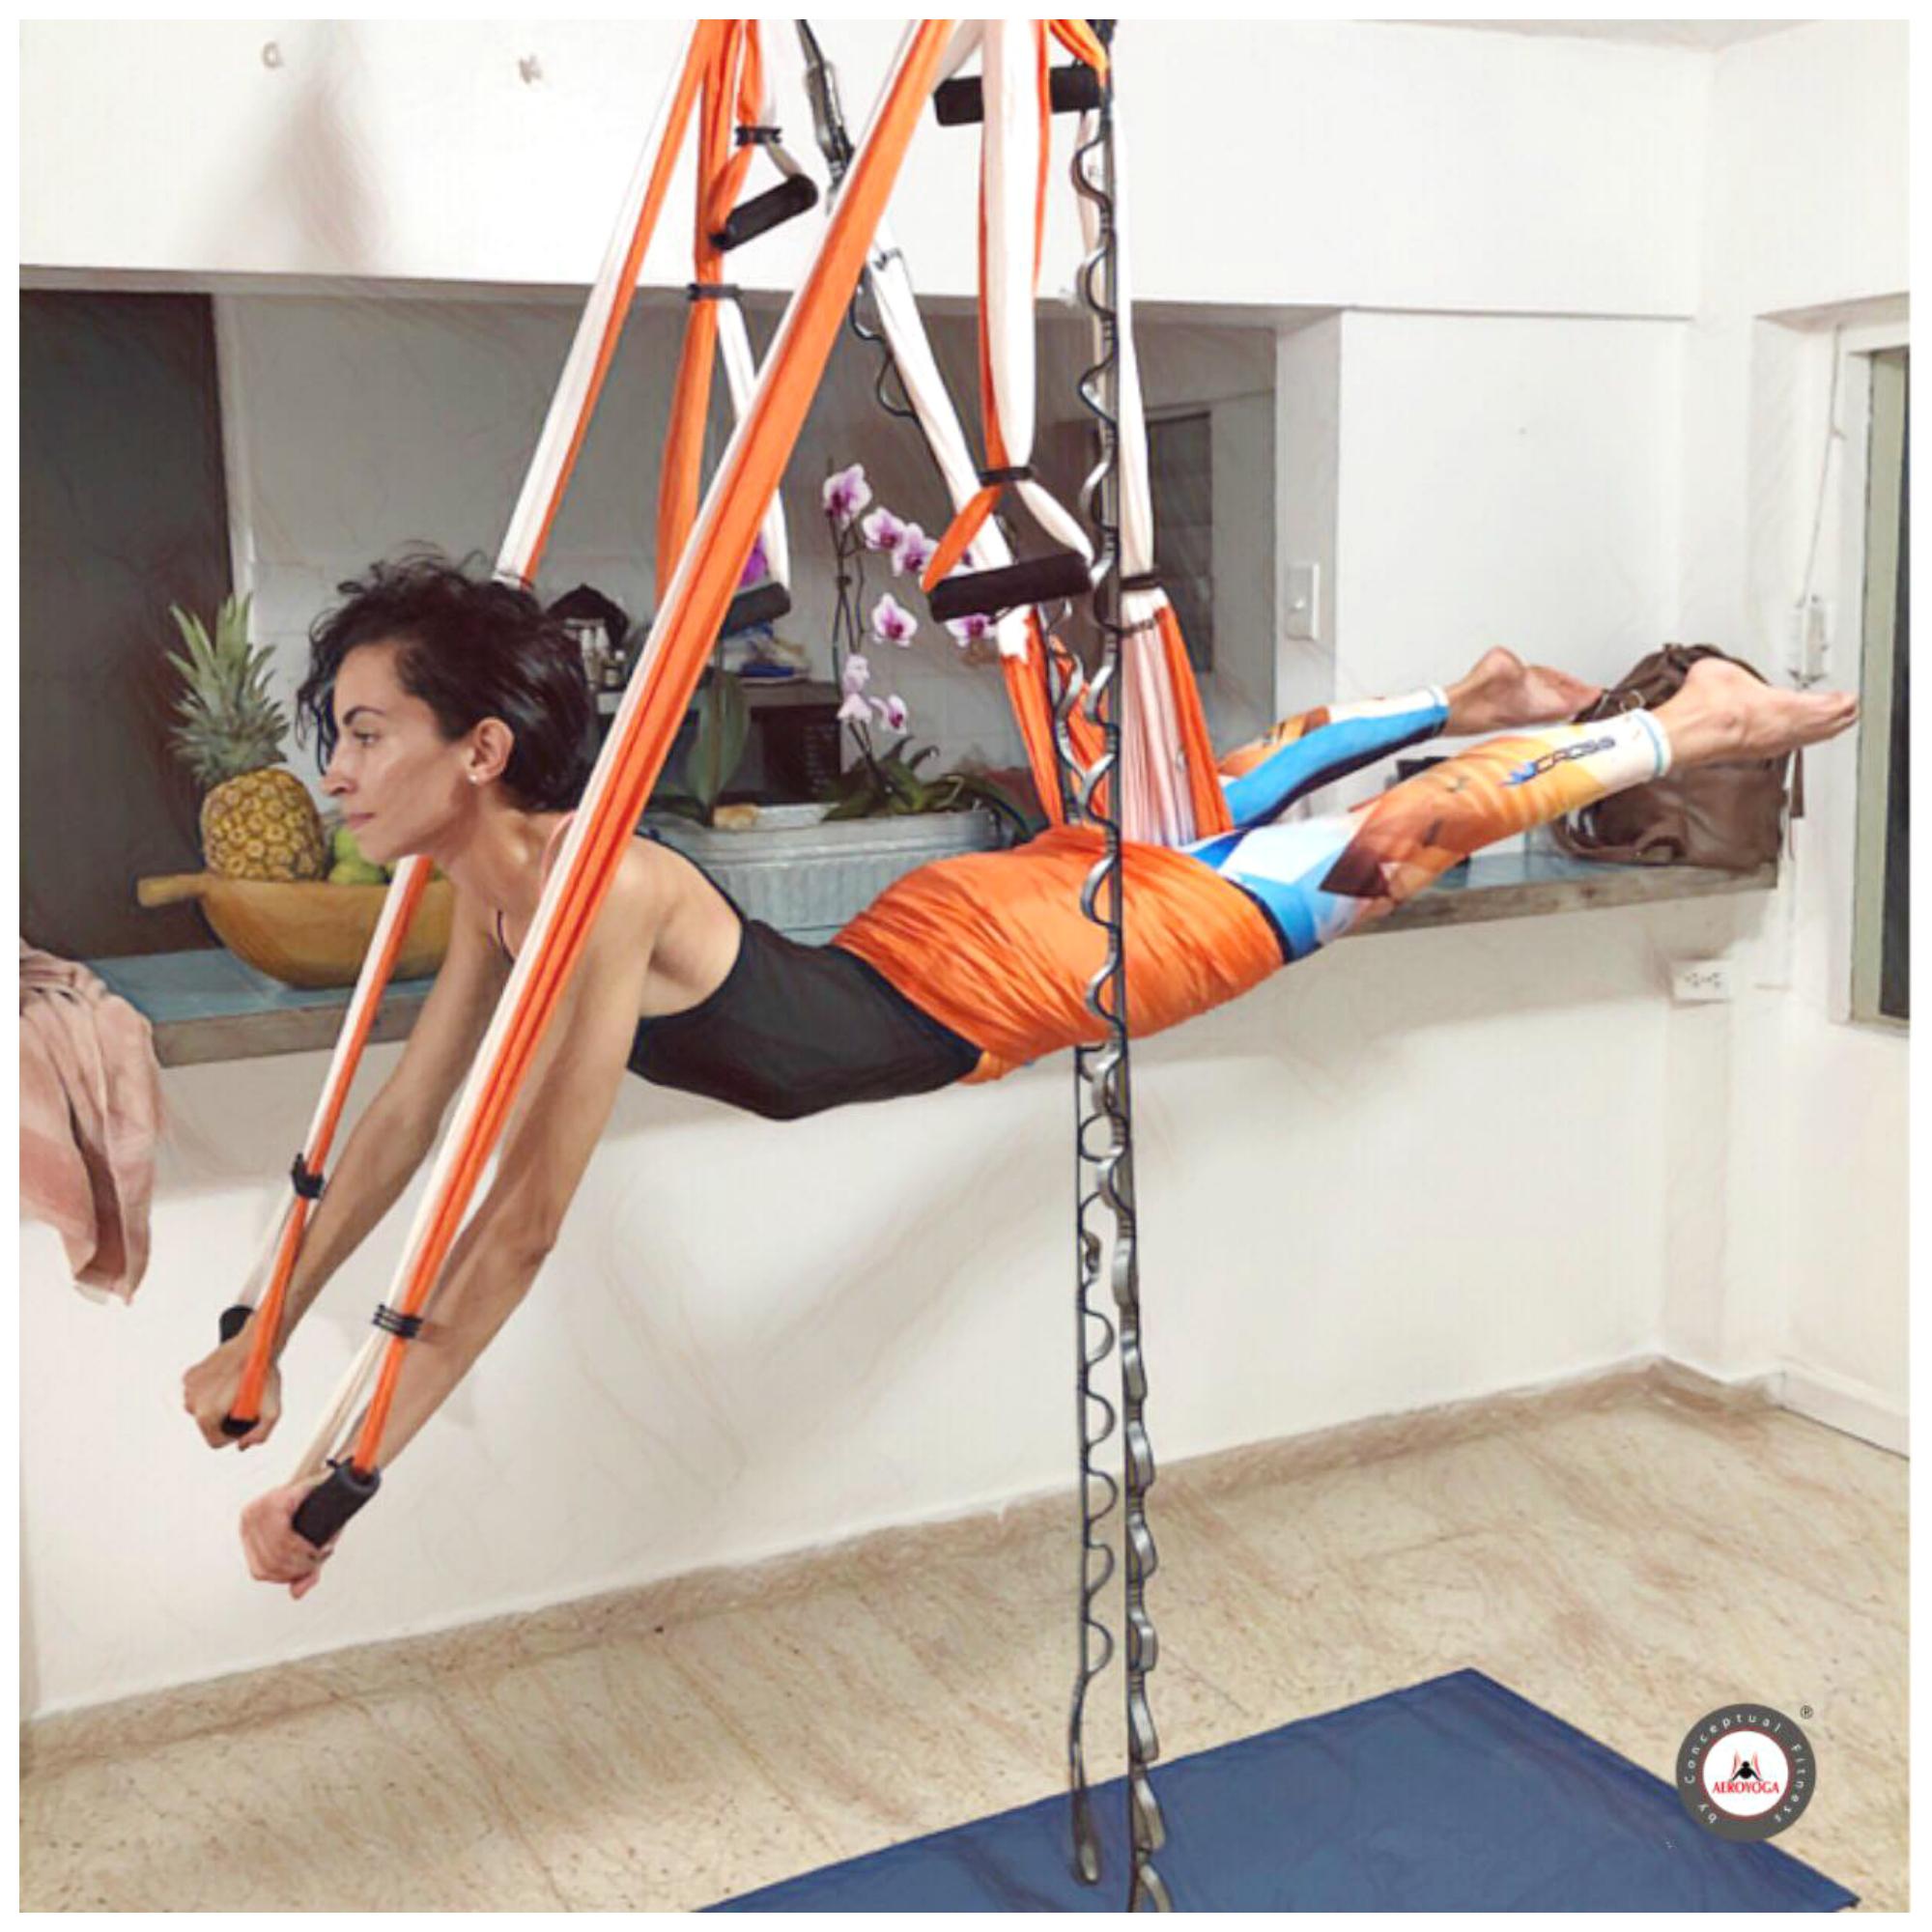 Certificación Yoga Aéreo, Descubre el Nuevo Columpio Oficial AeroYoga ® para el Curso 2019/20